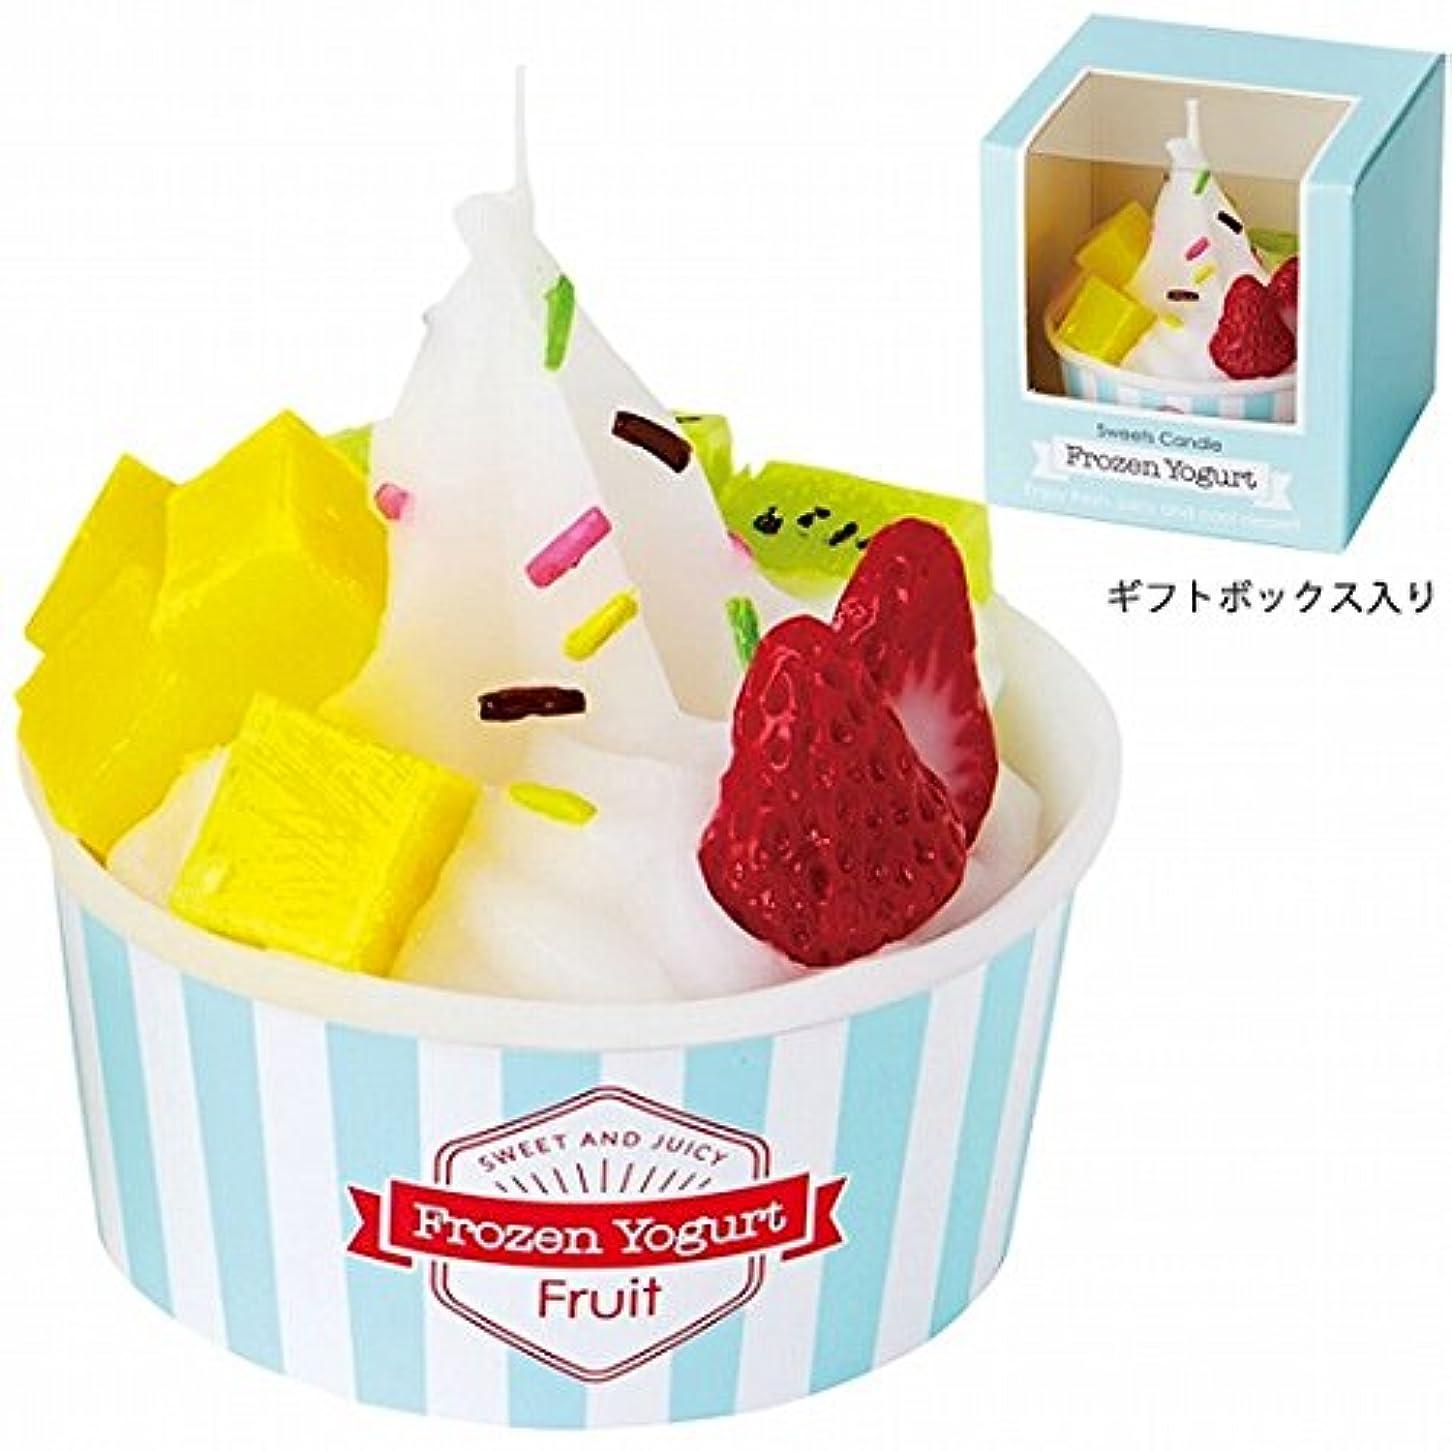 アクセル処方する器具kameyama candle(カメヤマキャンドル) フローズンヨーグルトキャンドル 「フルーツ」 4個セット(A4670520)